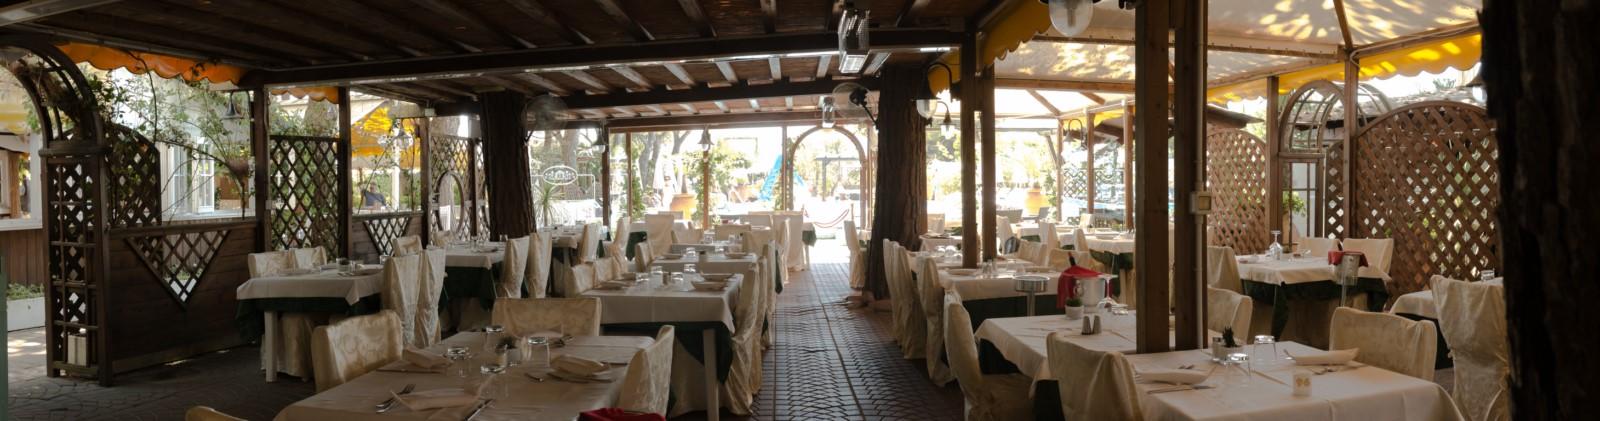 viña jesolo ristorante esterno 8